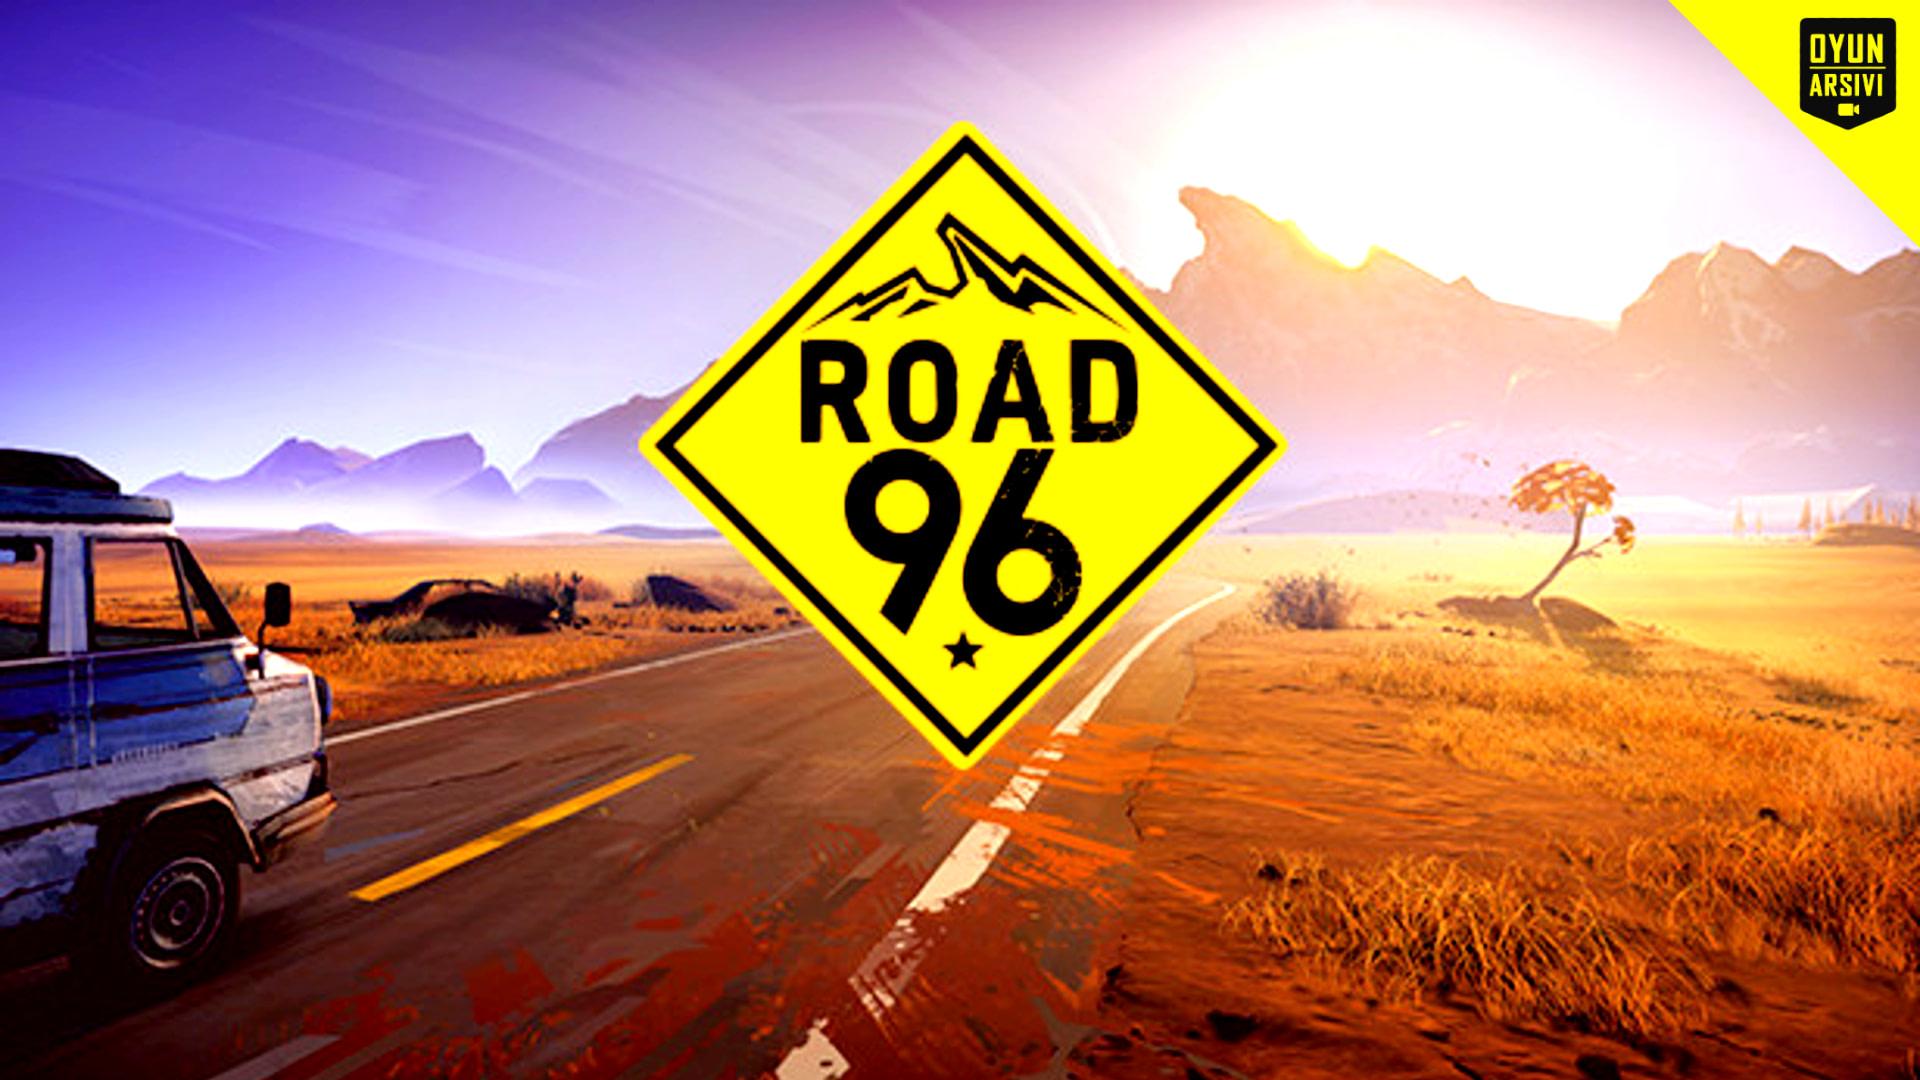 Road 96 Oyunu Çıkış Tarihi Oyun Arşivi